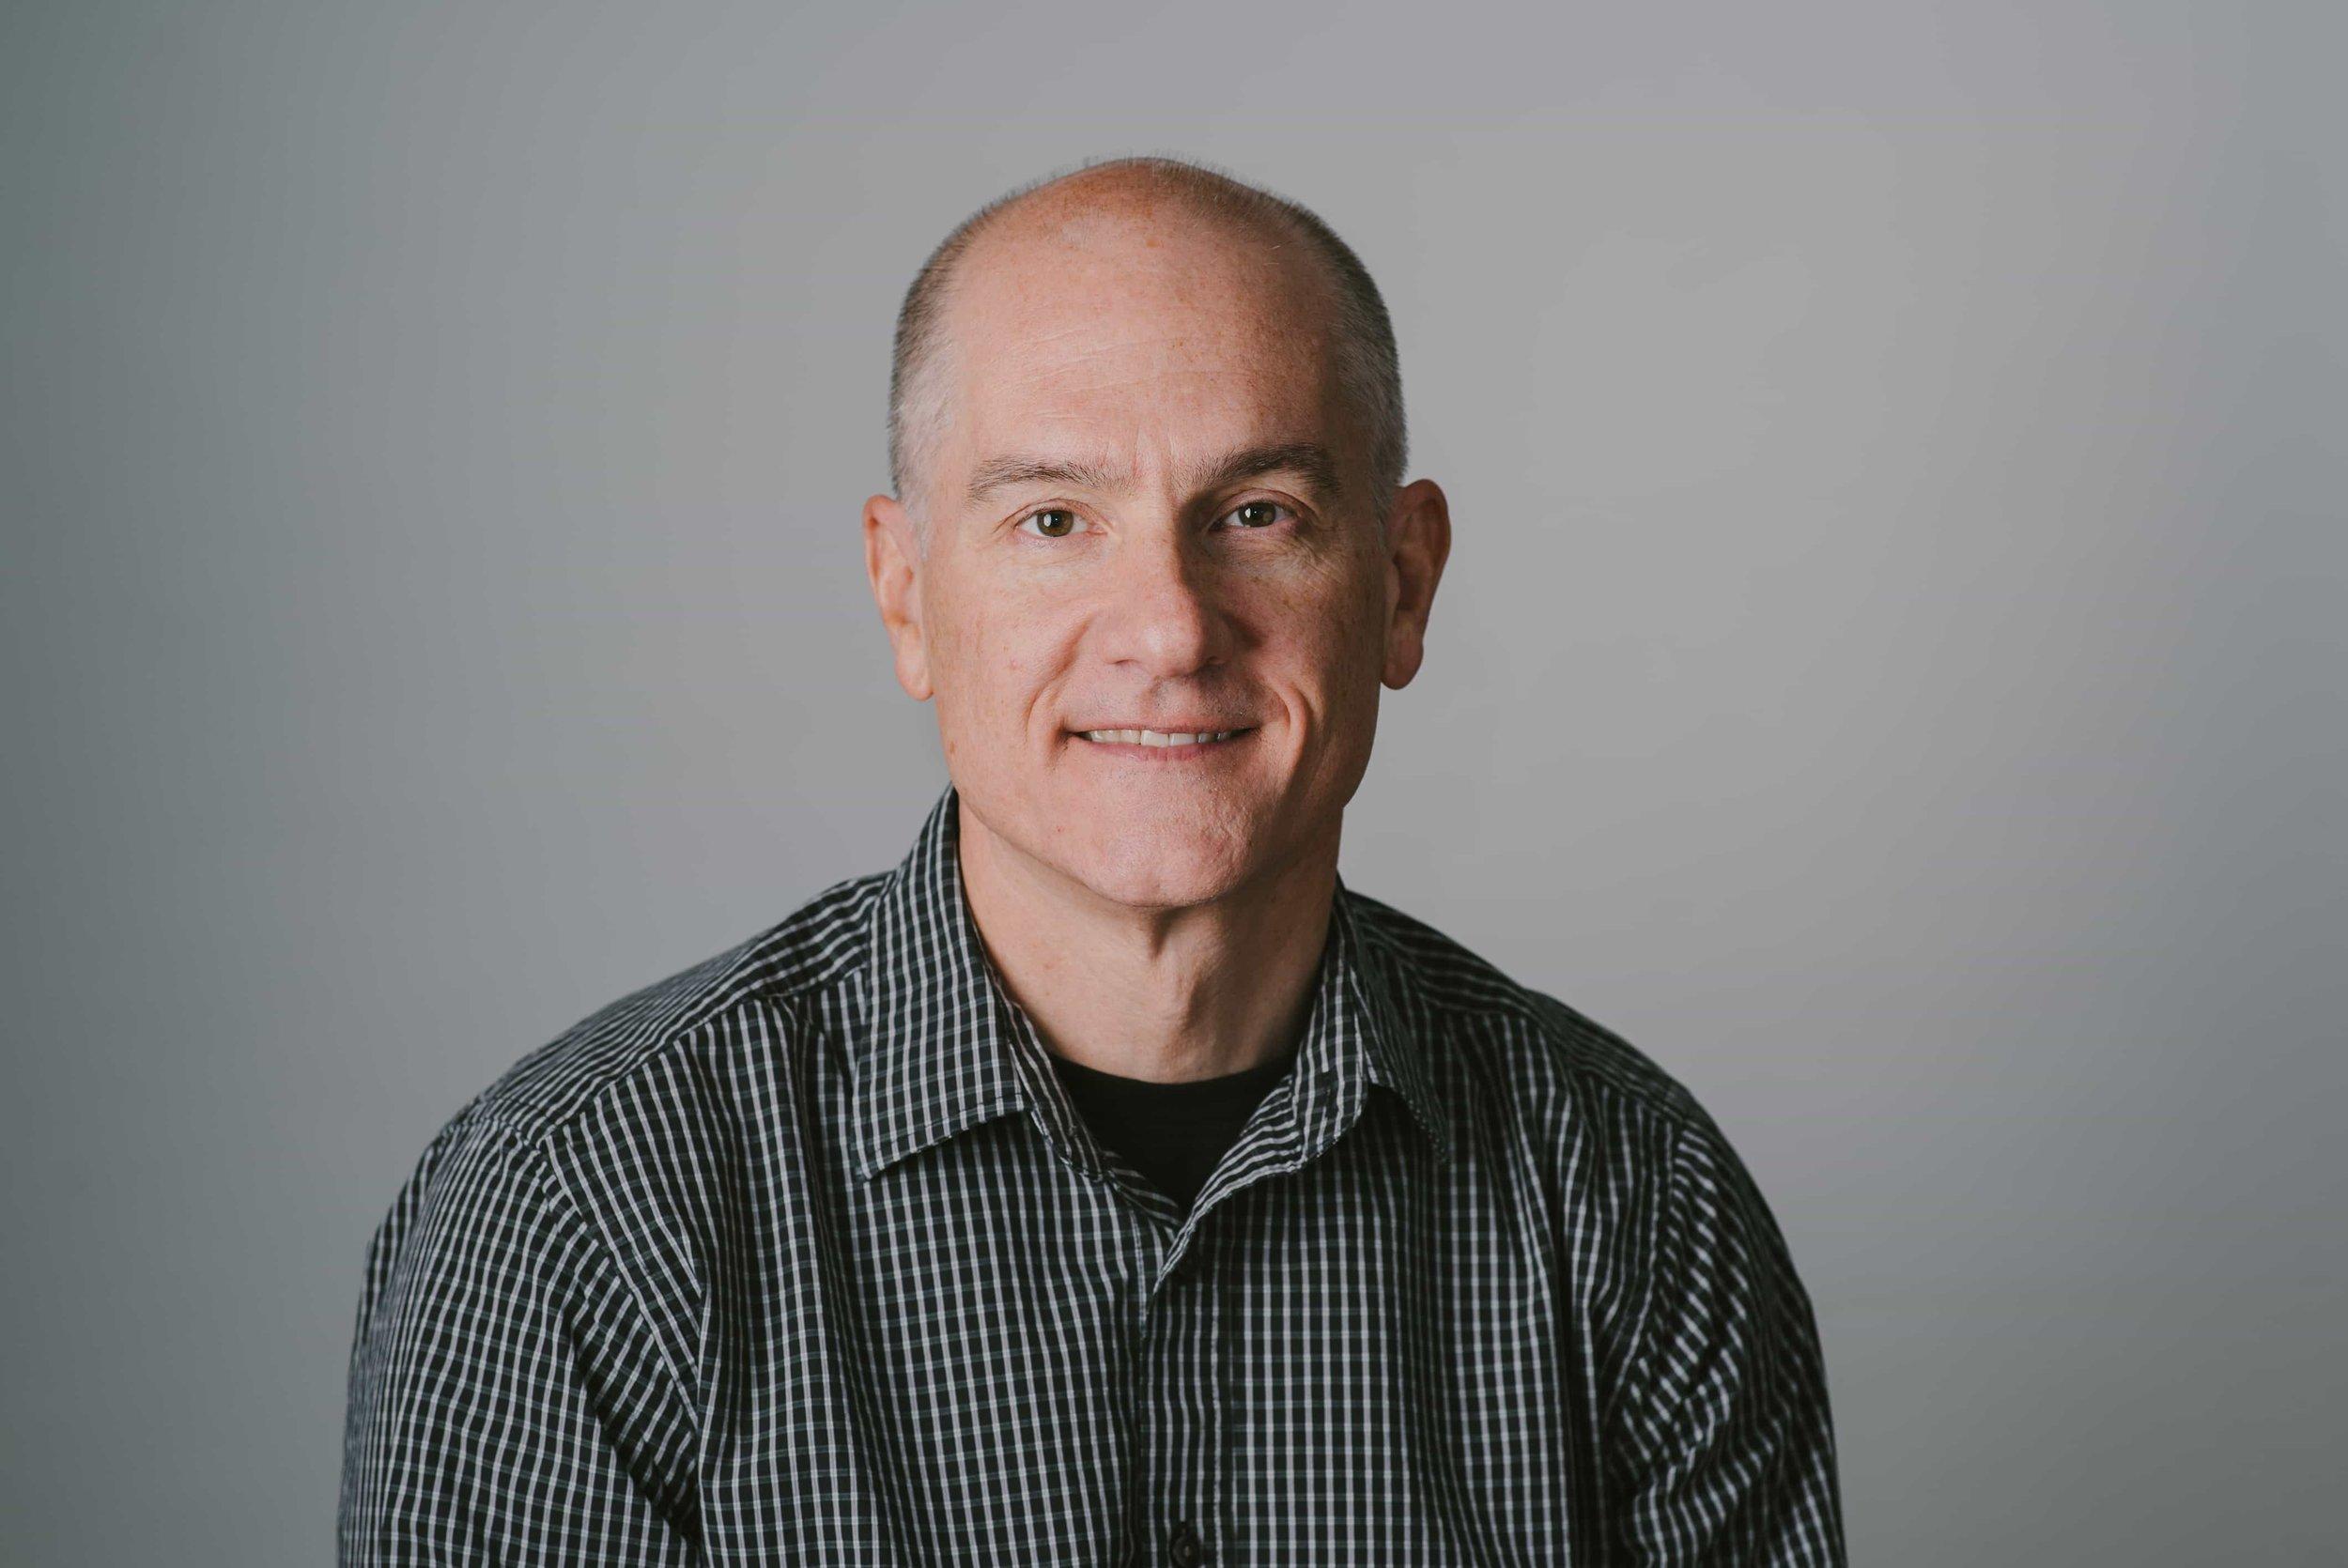 John Orsag